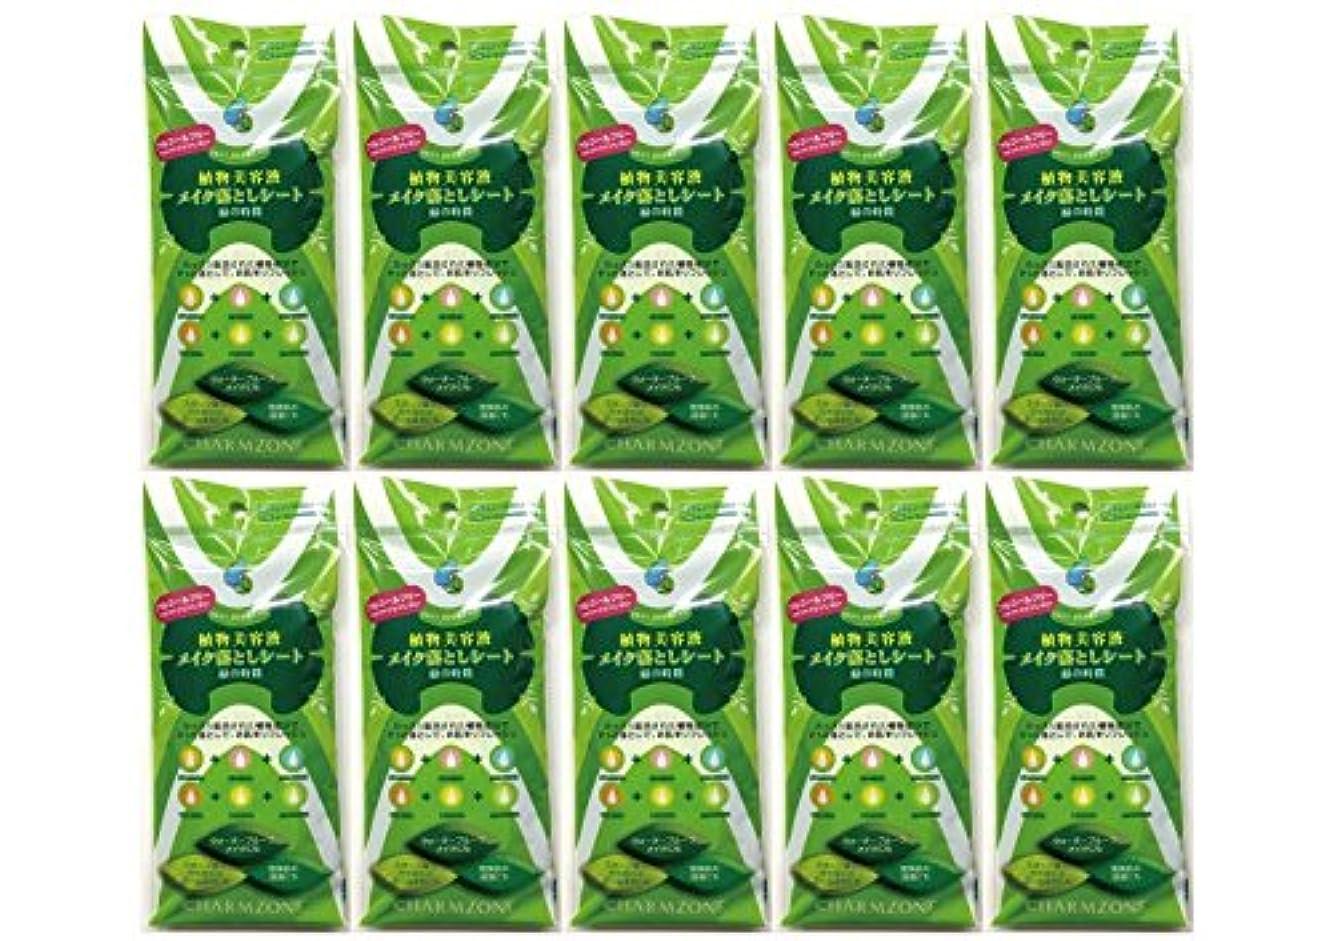 植物美容液メイク落としシート 緑の時間10ヶセット